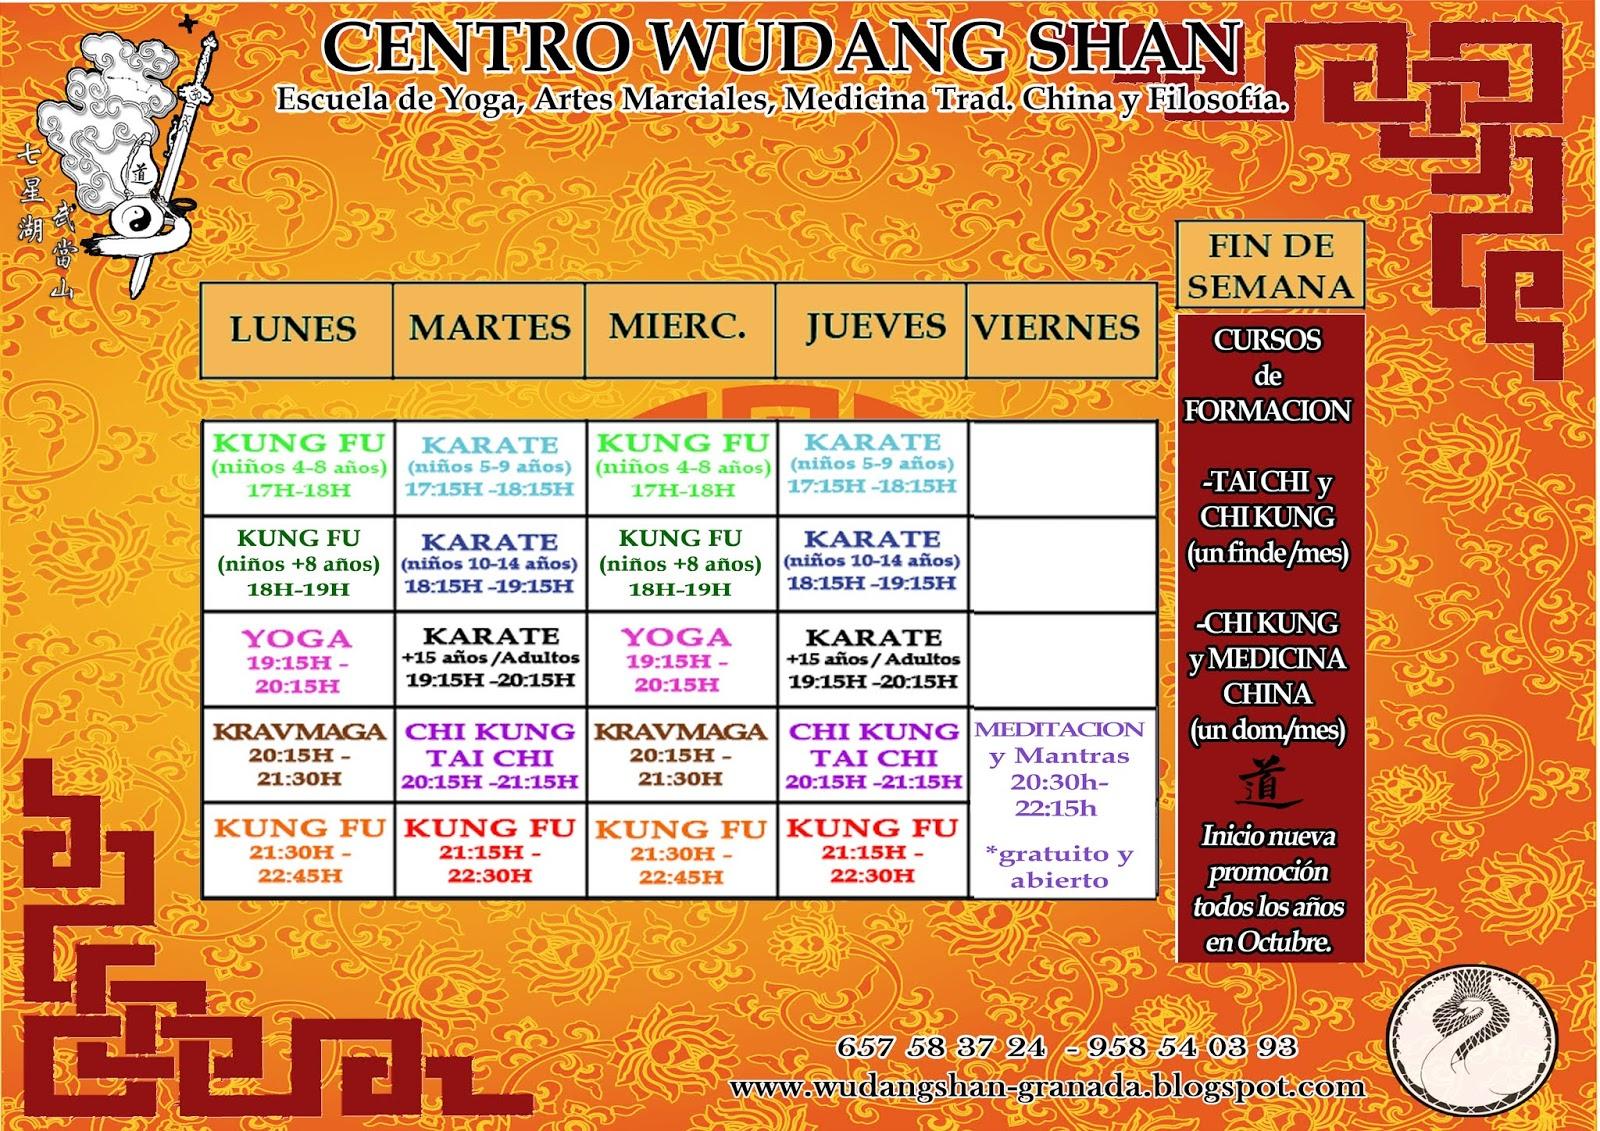 Calendario Ugr 2020.Centro Wudang Shan